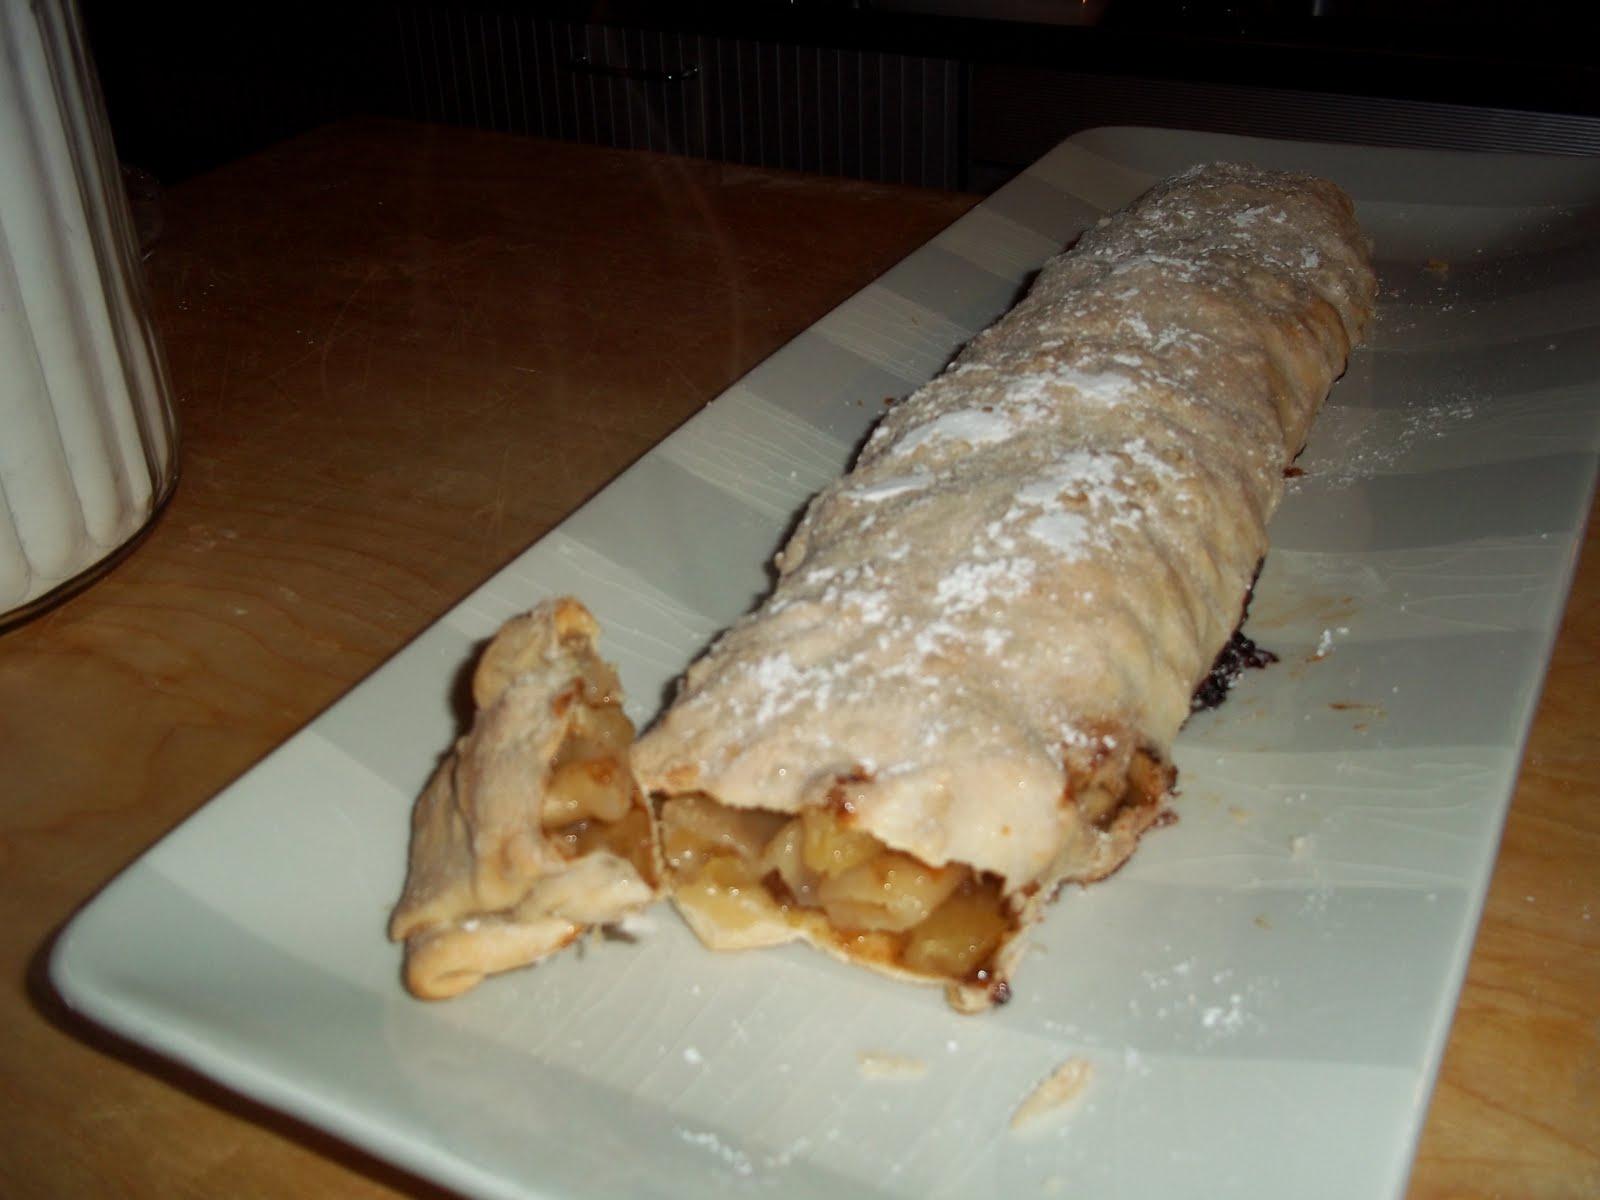 Officina culinaria un dolce leggero for Officina culinaria